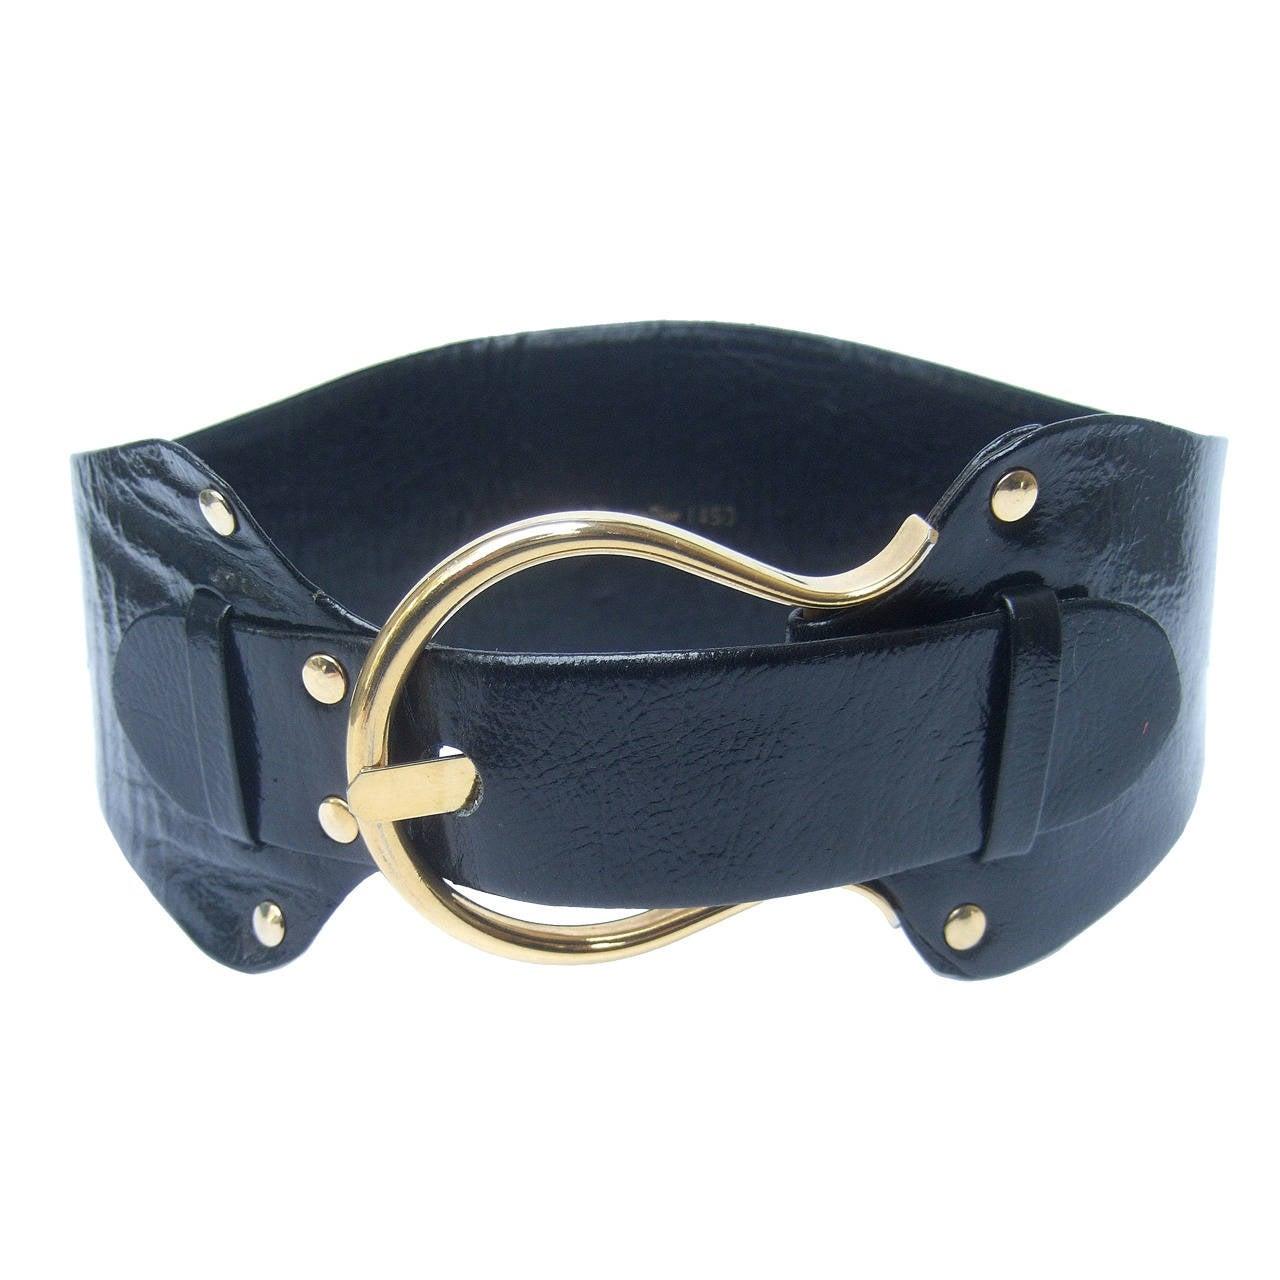 Christian Dior Wide Black Leather Vintage Belt c 1970 1